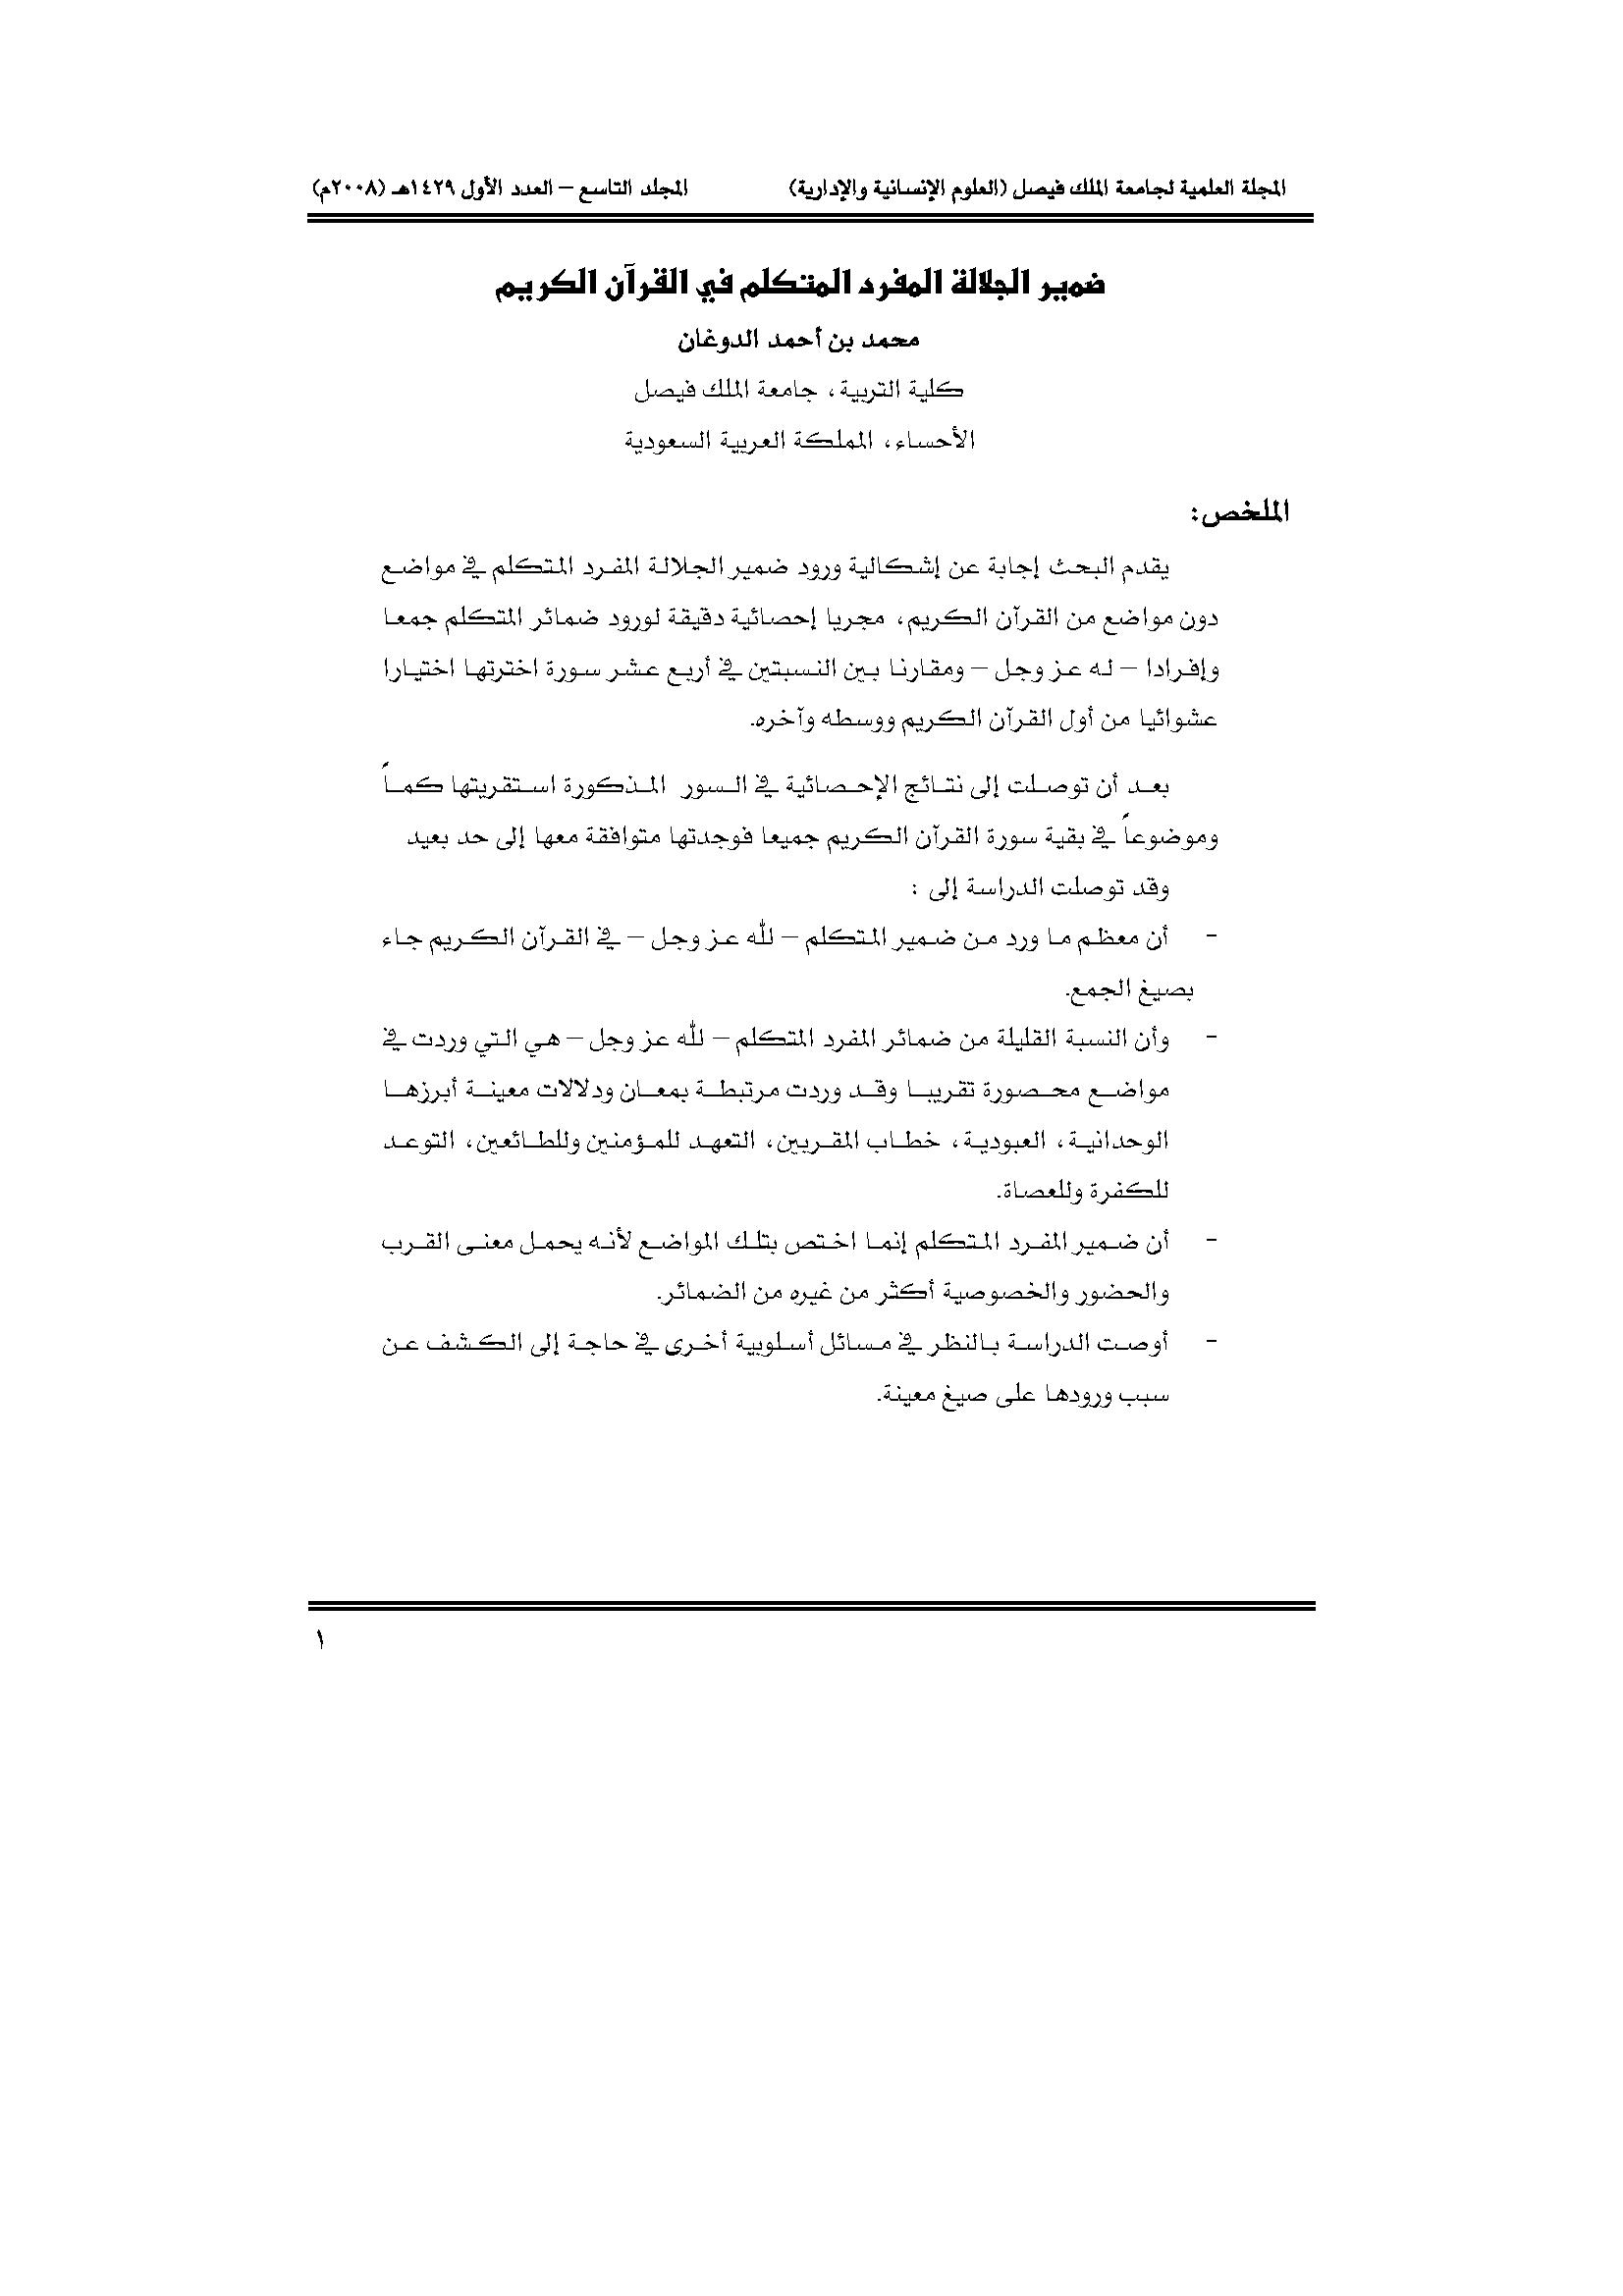 تحميل كتاب ضمير الجلالة المفرد المتكلم في القرآن الكريم لـِ: الدكتور محمد بن أحمد الدوغان